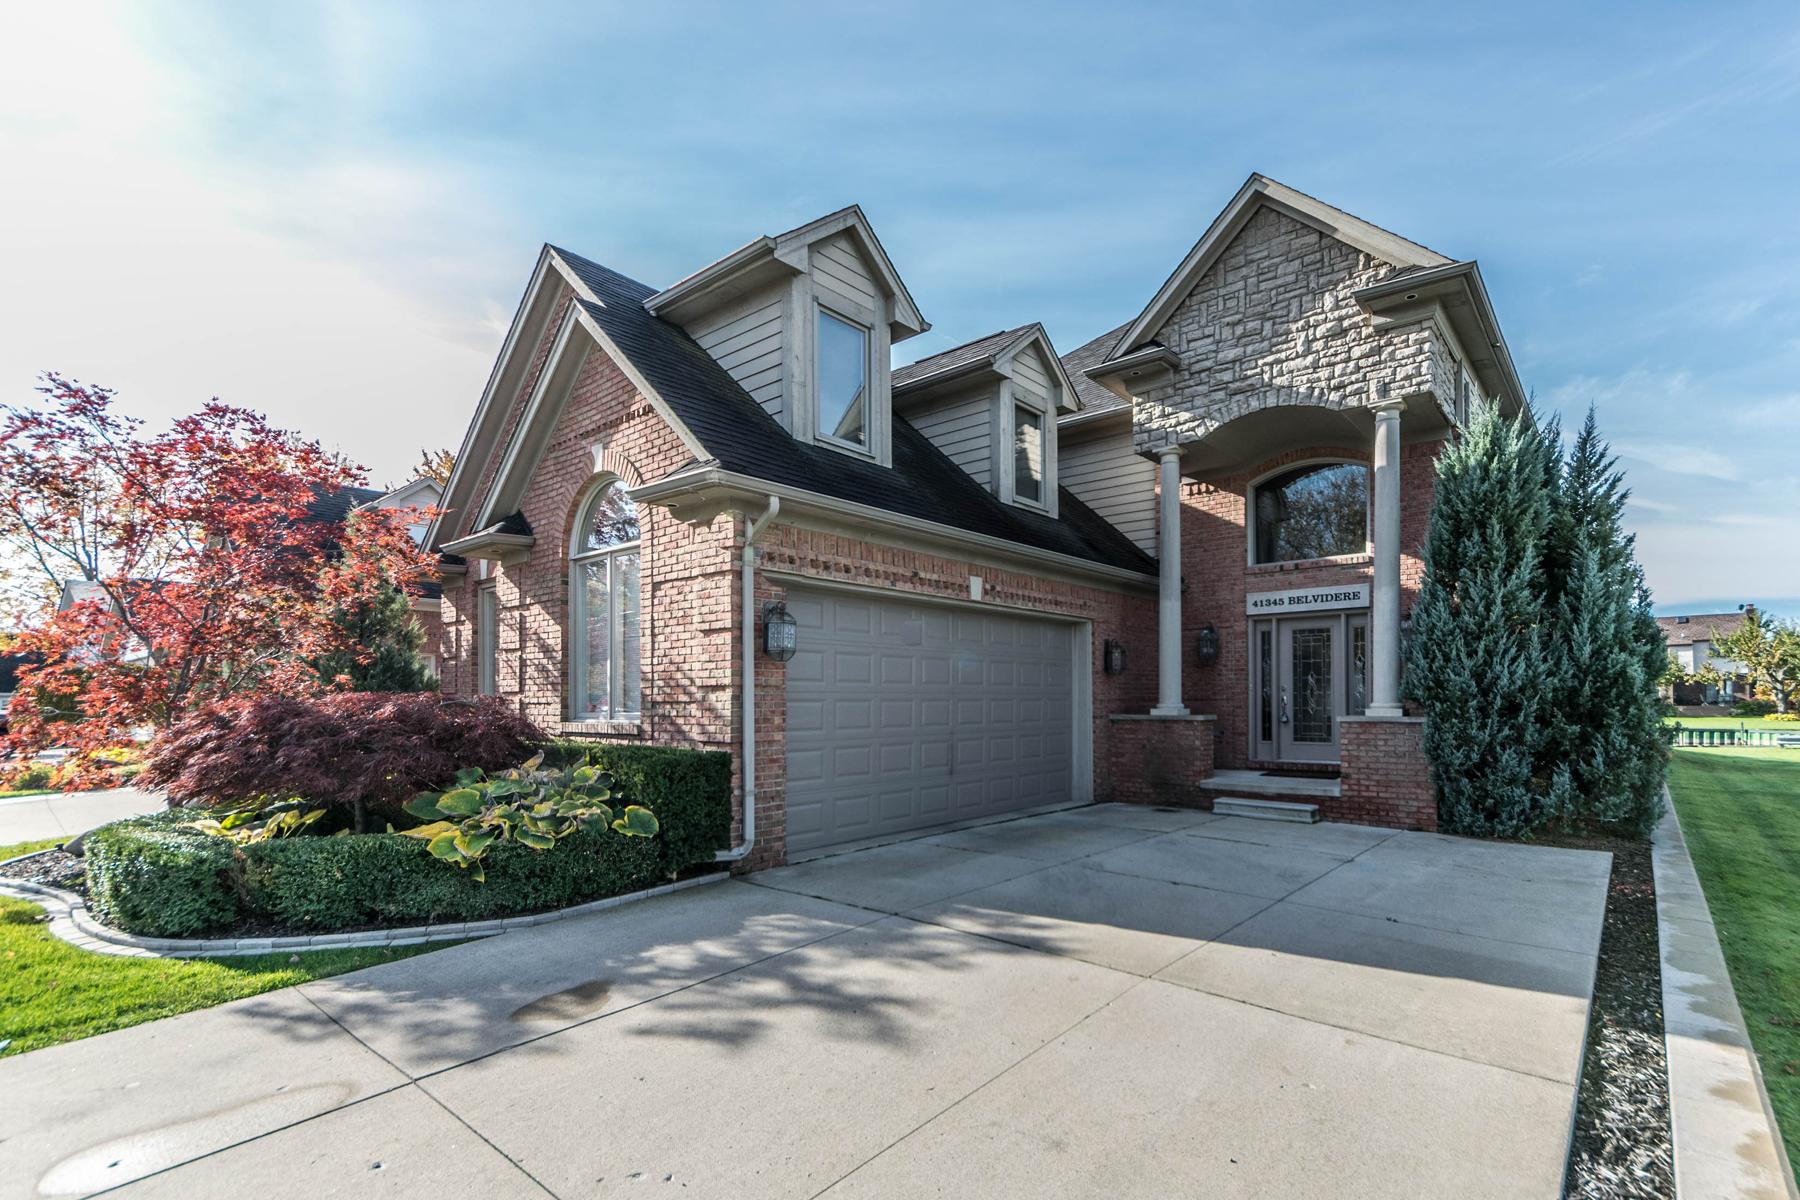 단독 가정 주택 용 매매 에 Harrison Township 41345 Belvidere Street Harrison Township, 미시건, 48045 미국